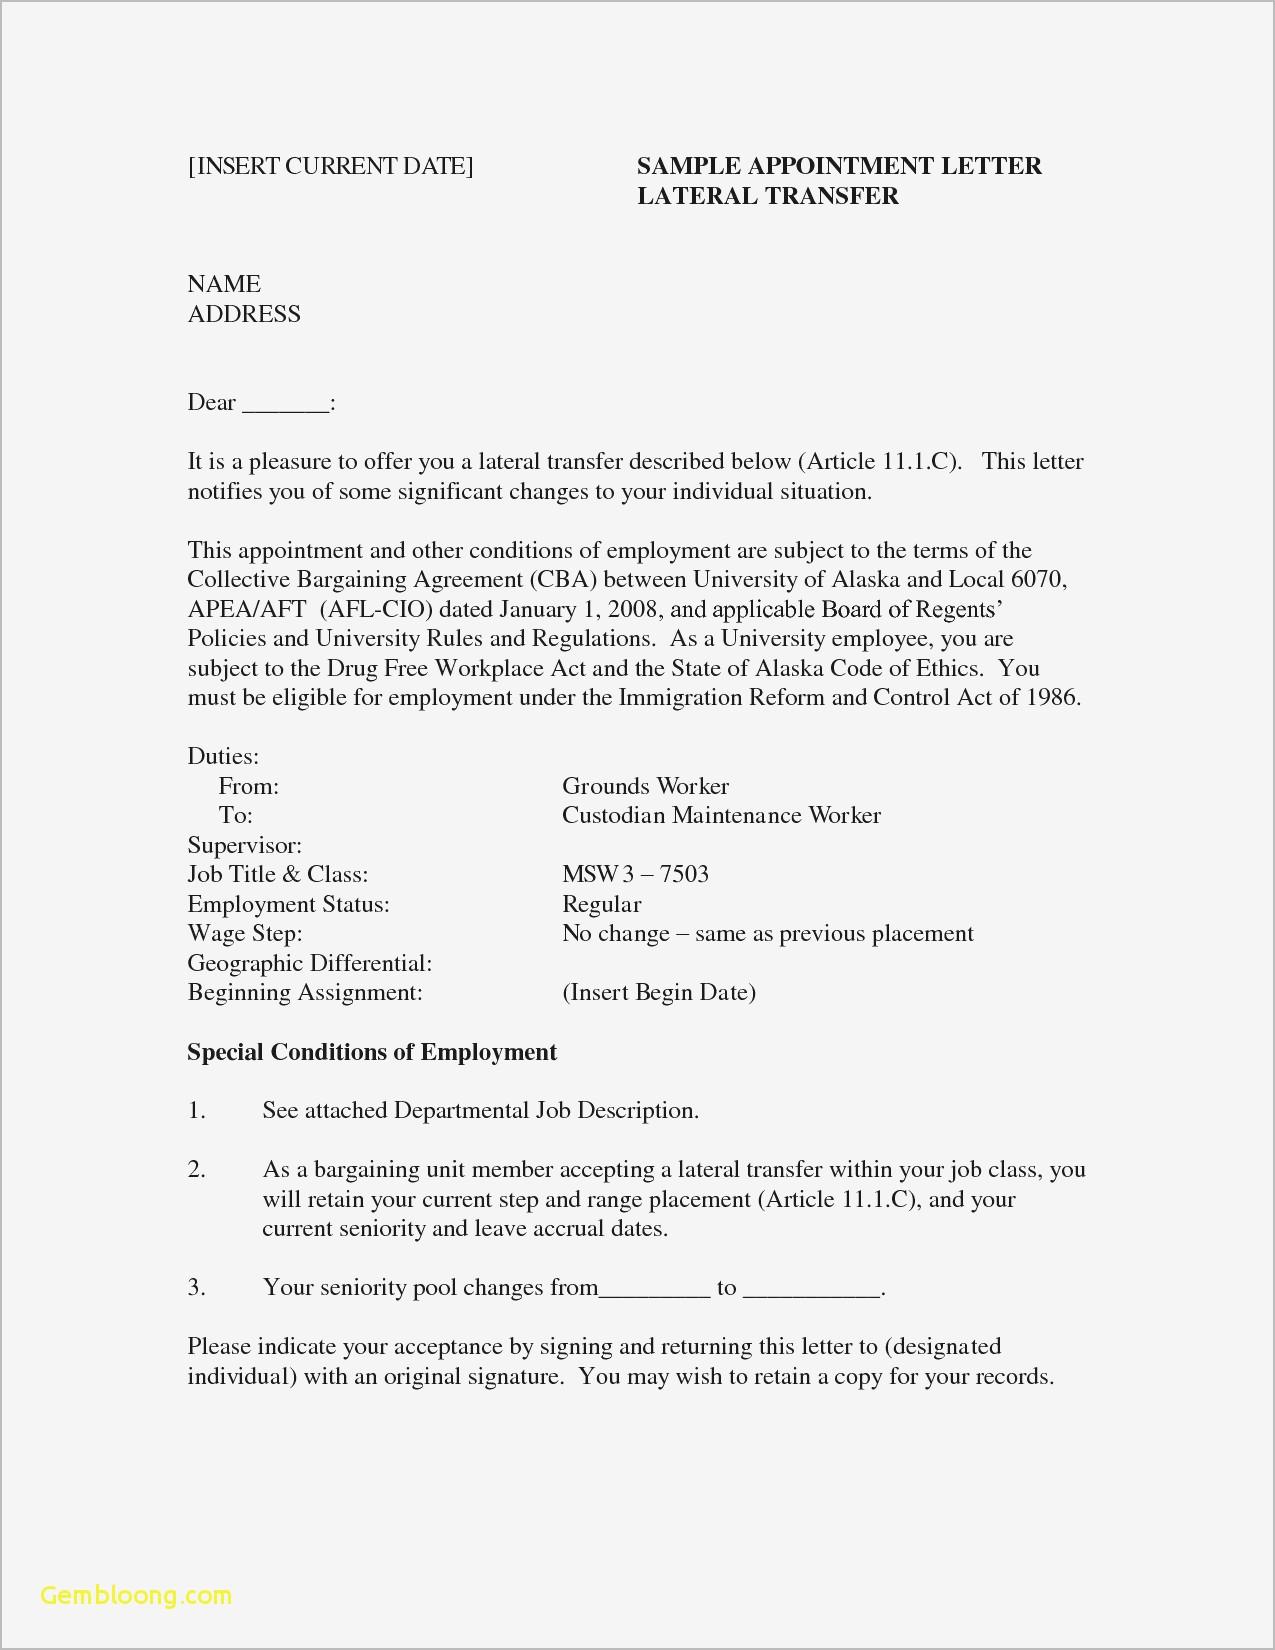 Gift Letter Template Word - Elegant Gift Letter Template